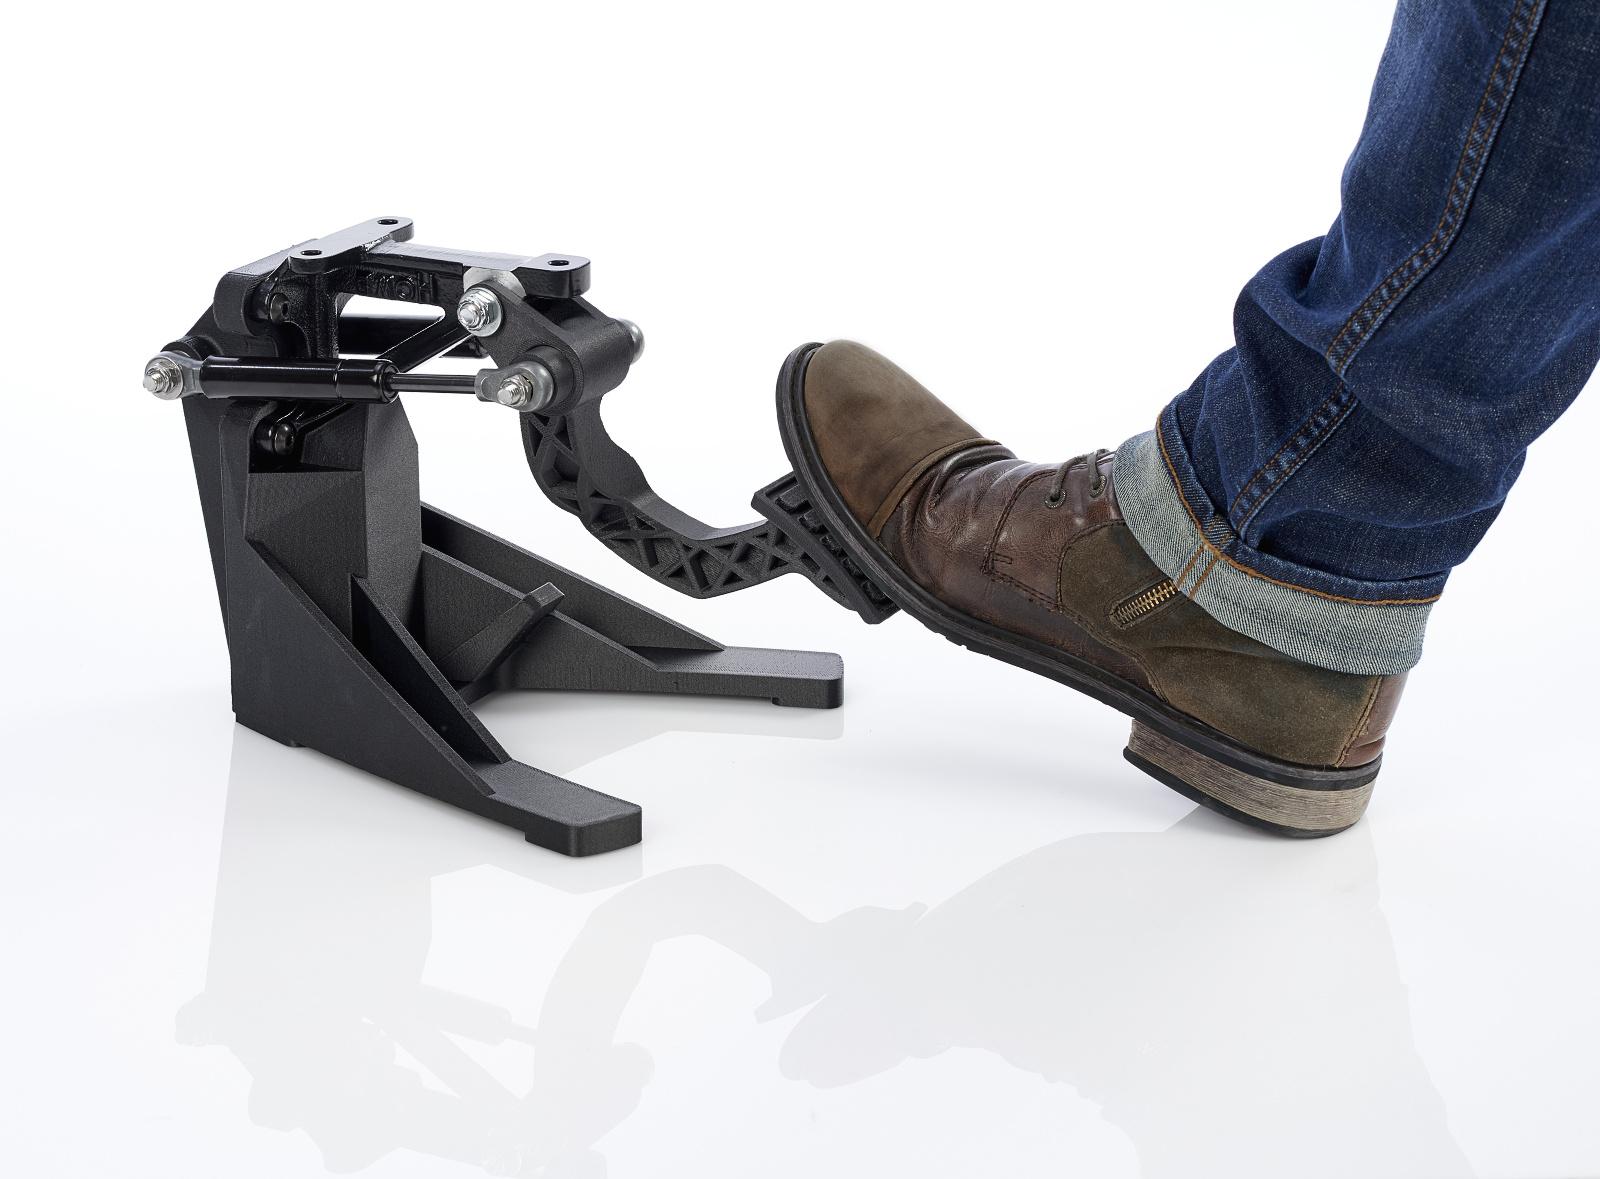 Stratasys se pochlubil odolnými materiály pro 3D tiskárny s technologiemi FDM a PolyJet